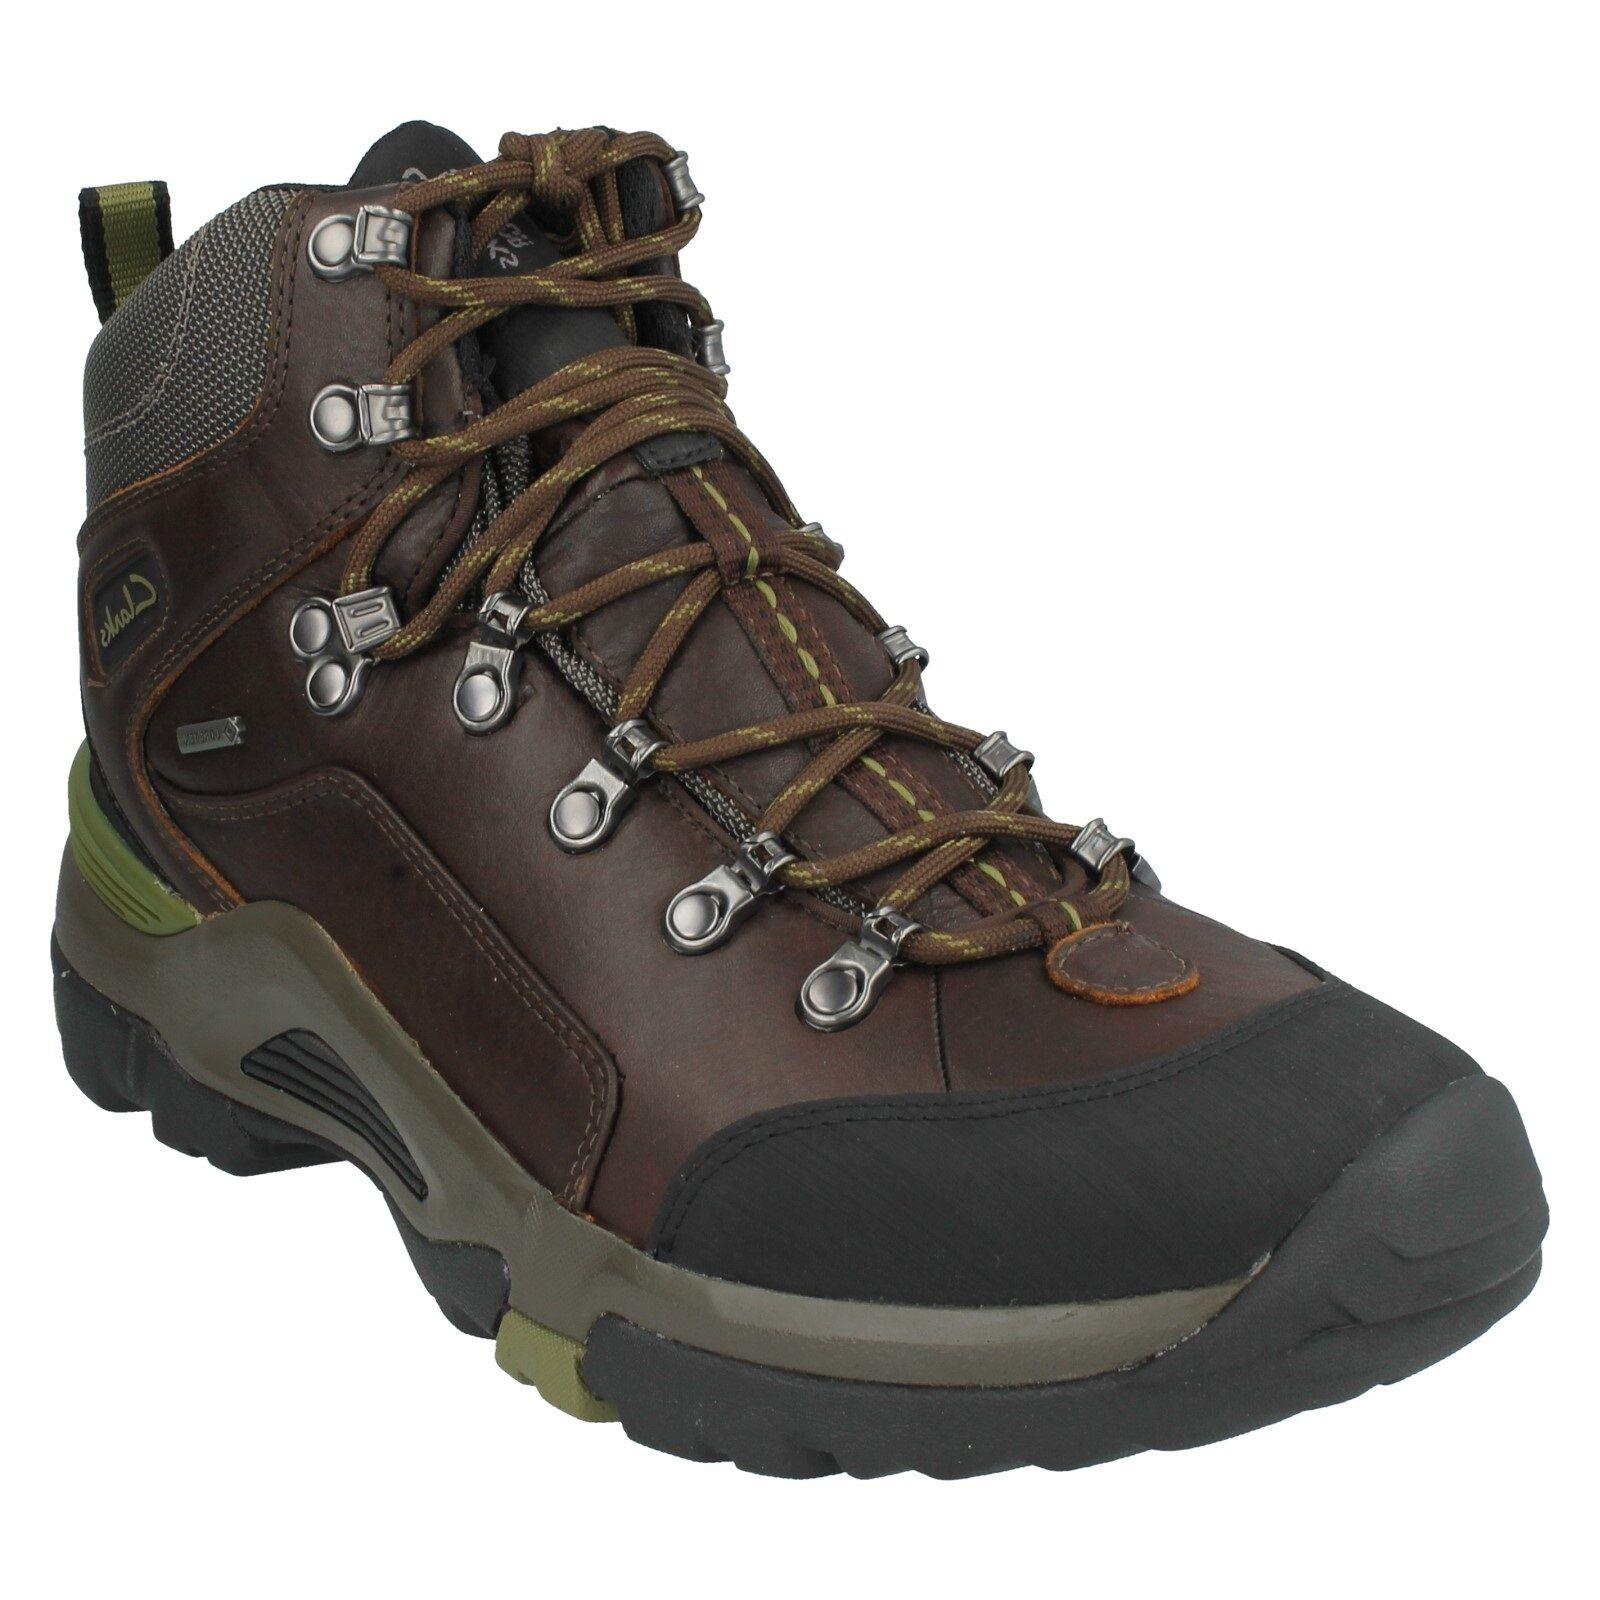 OutRide HI da GTX da HI Uomo Clarks in Pelle Impermeabili Stringati Sporty Hiker Stivaletti b86ac9